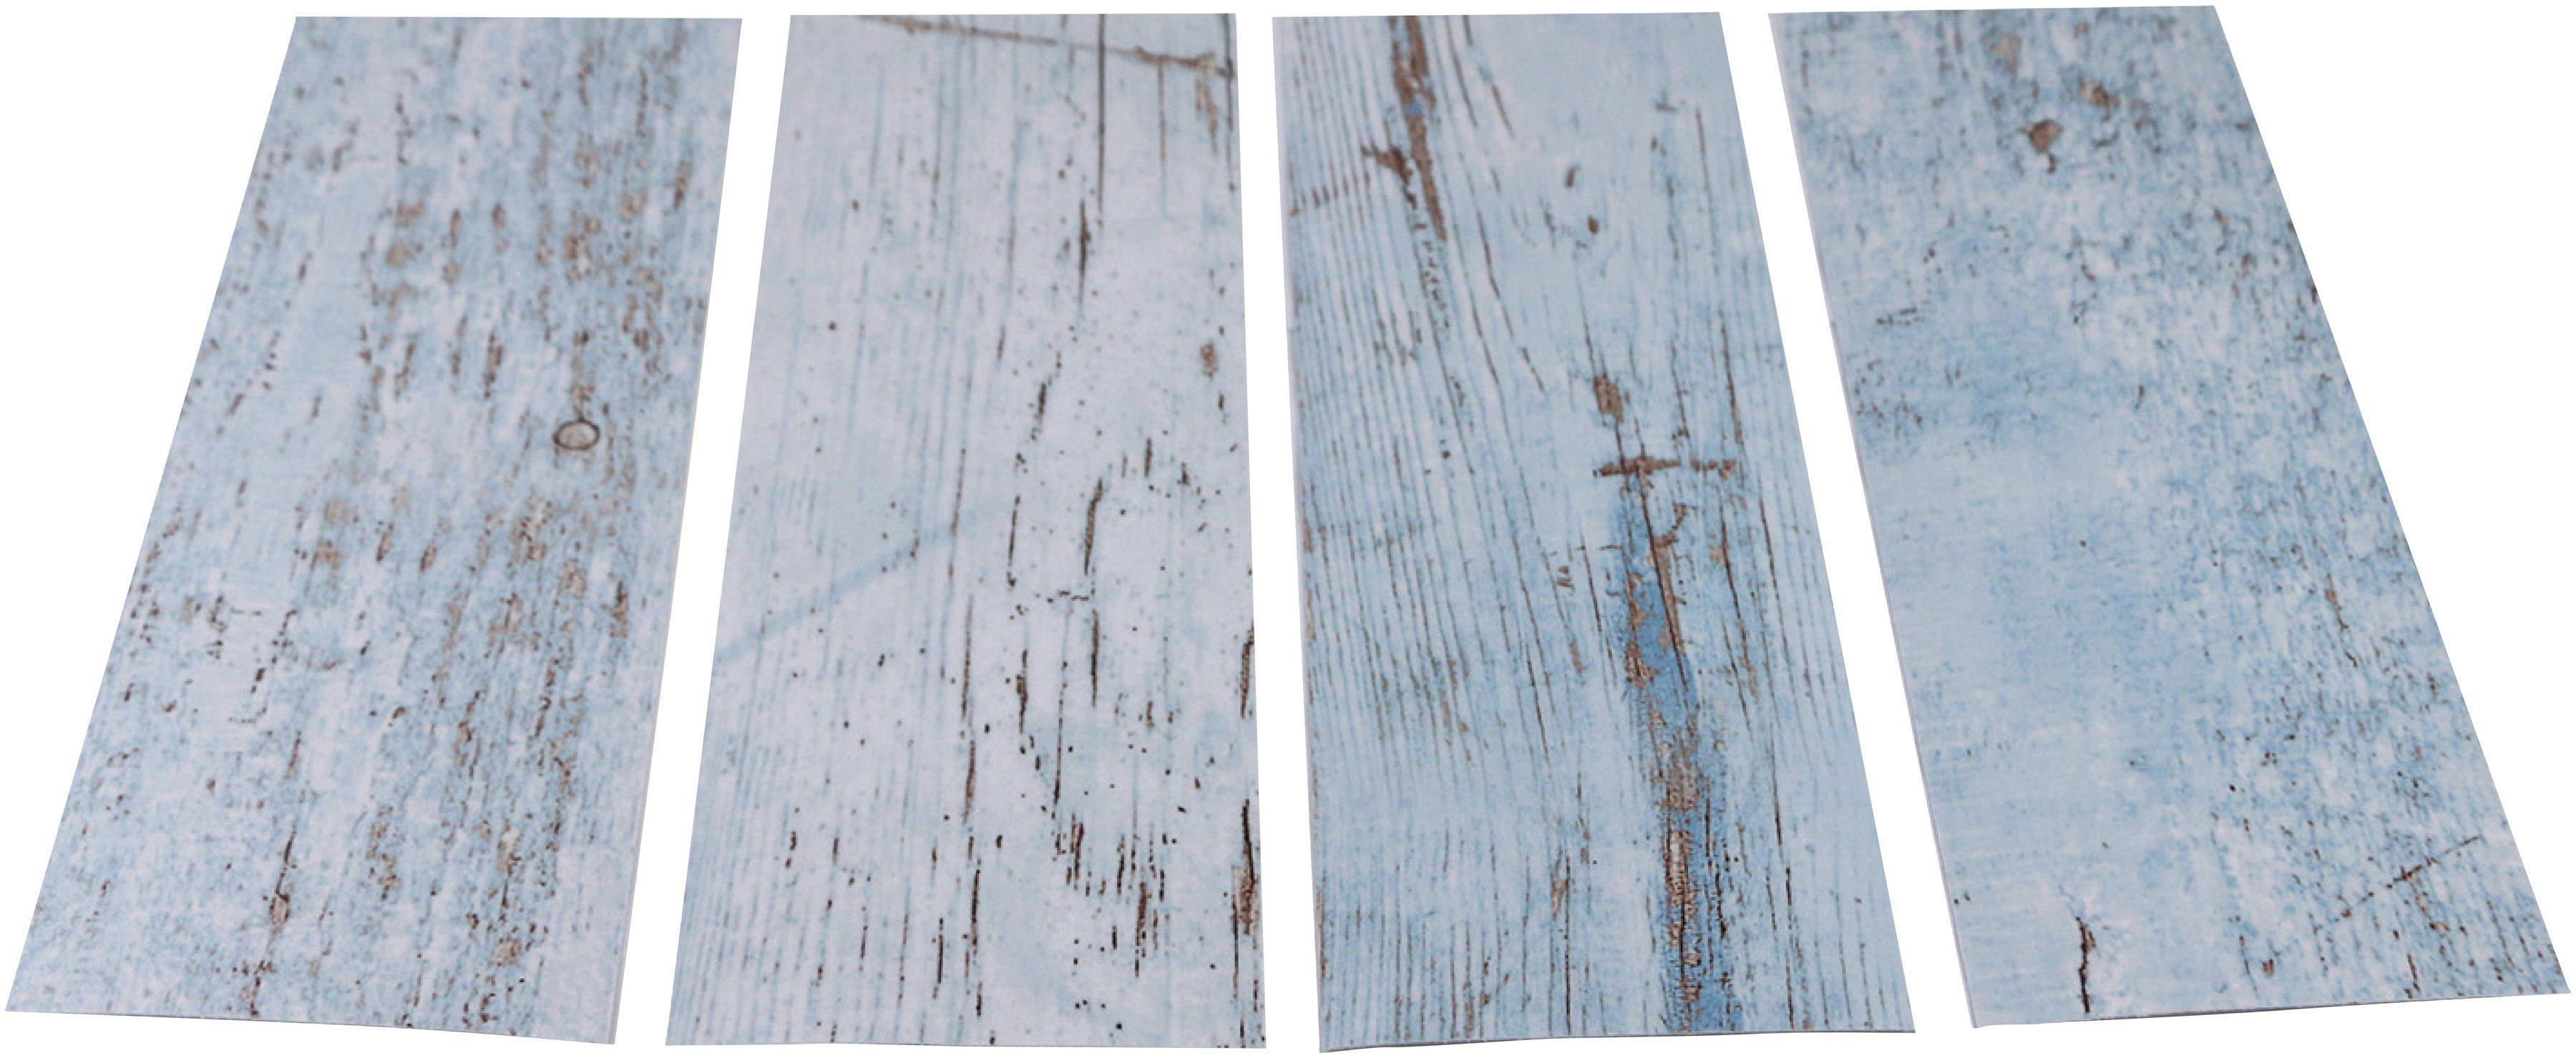 MYSPOTTI Duscheinlage »Klebefliese stepon Wood Light Blue«, Set 4-teilig, Antirutsch-Aufkleber